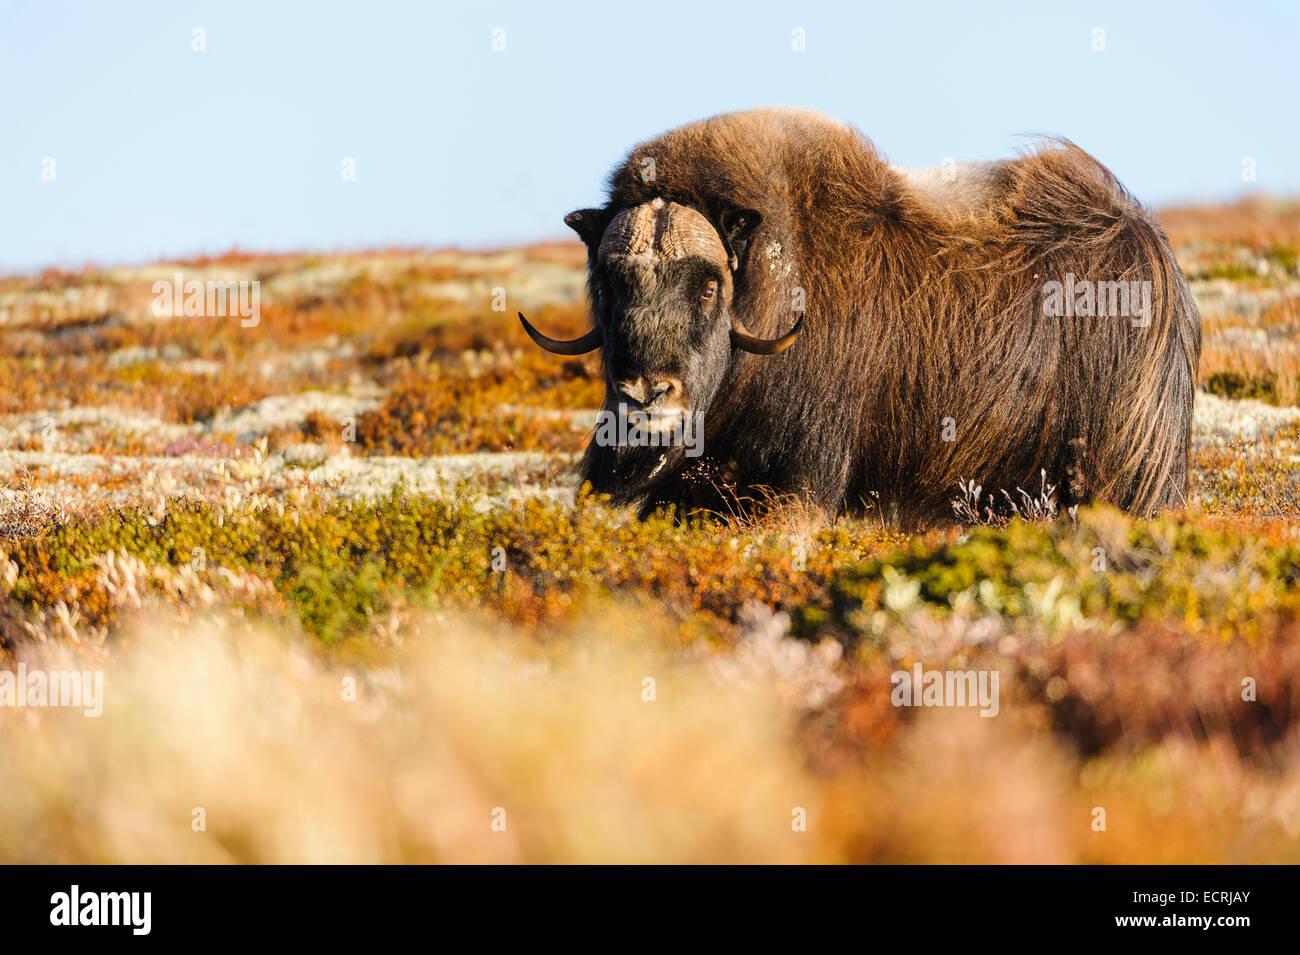 Moschusochsen stehend in den norwegischen Bergen. Stockbild